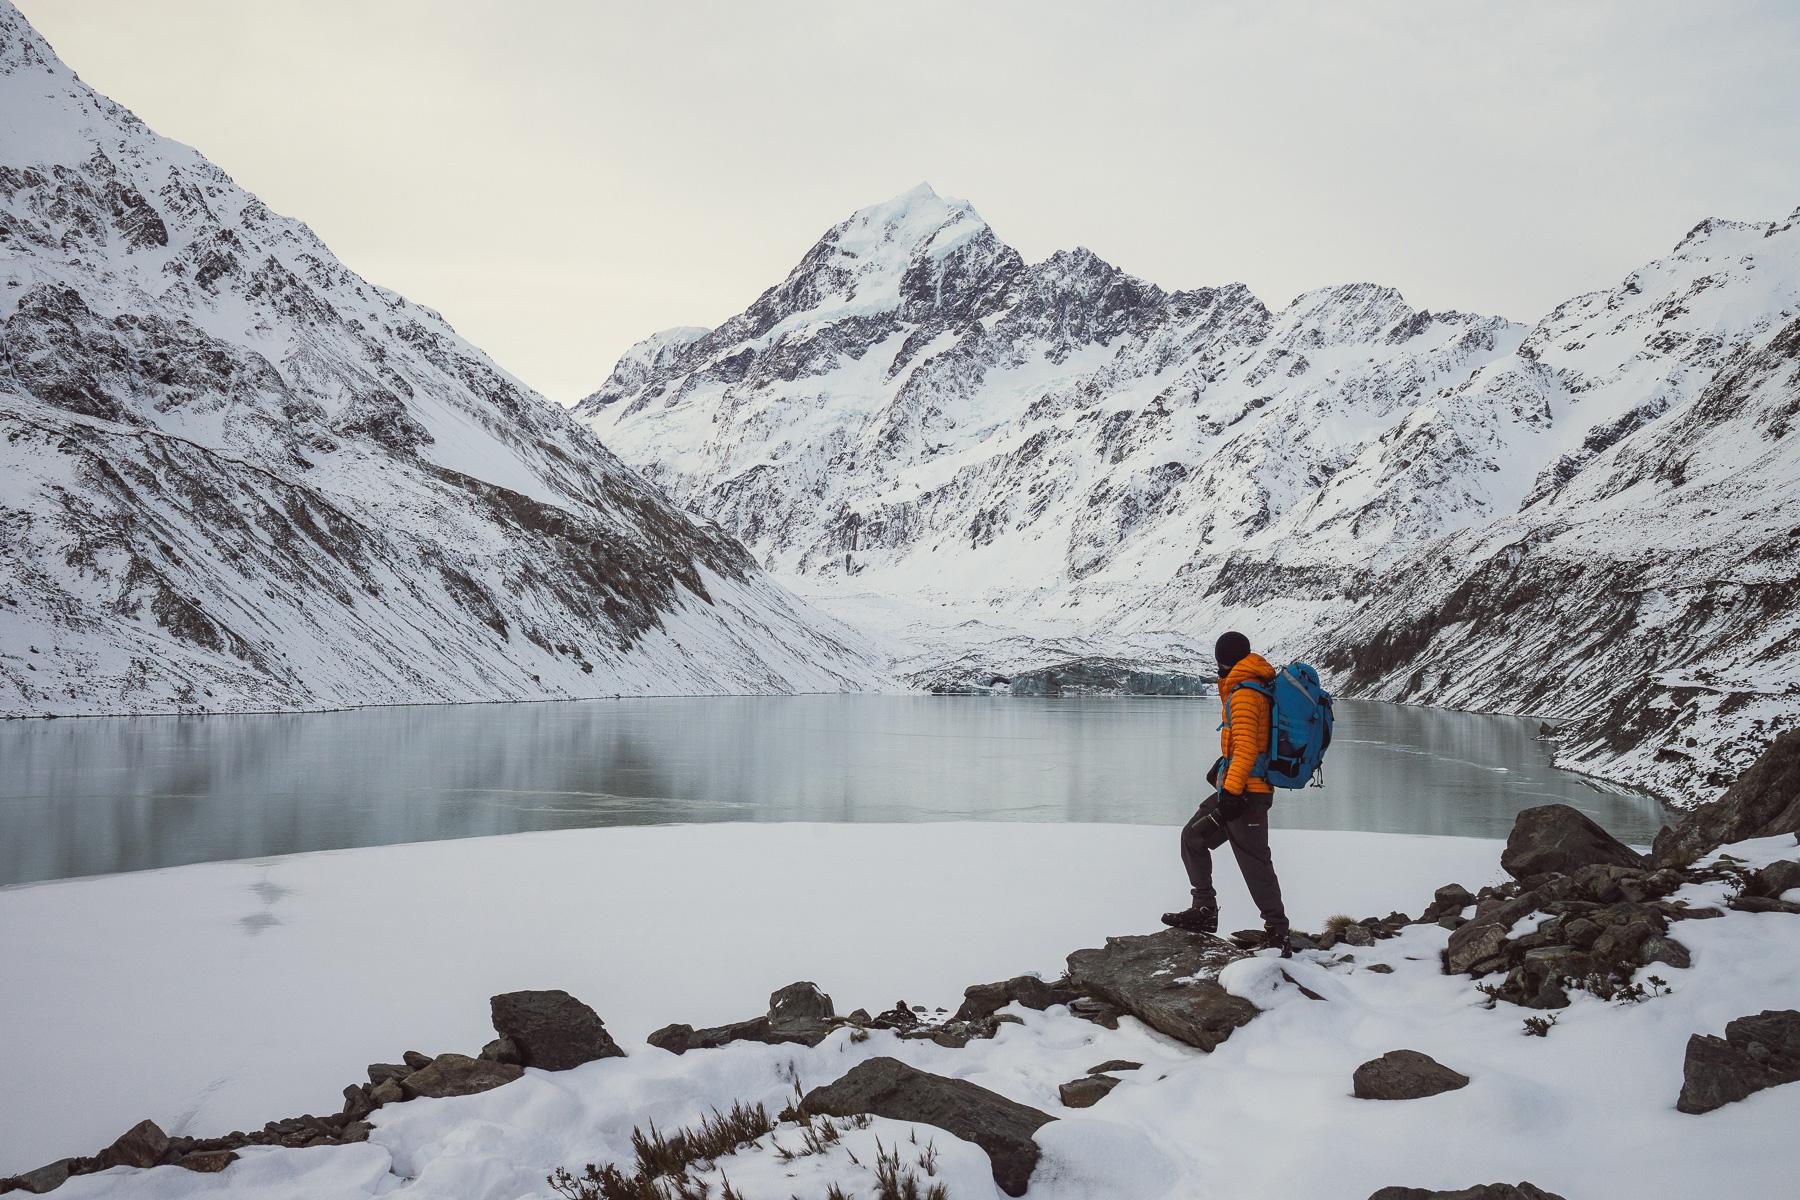 Un fotografo percorre più di 25000 km alla ricerca dello scatto perfetto